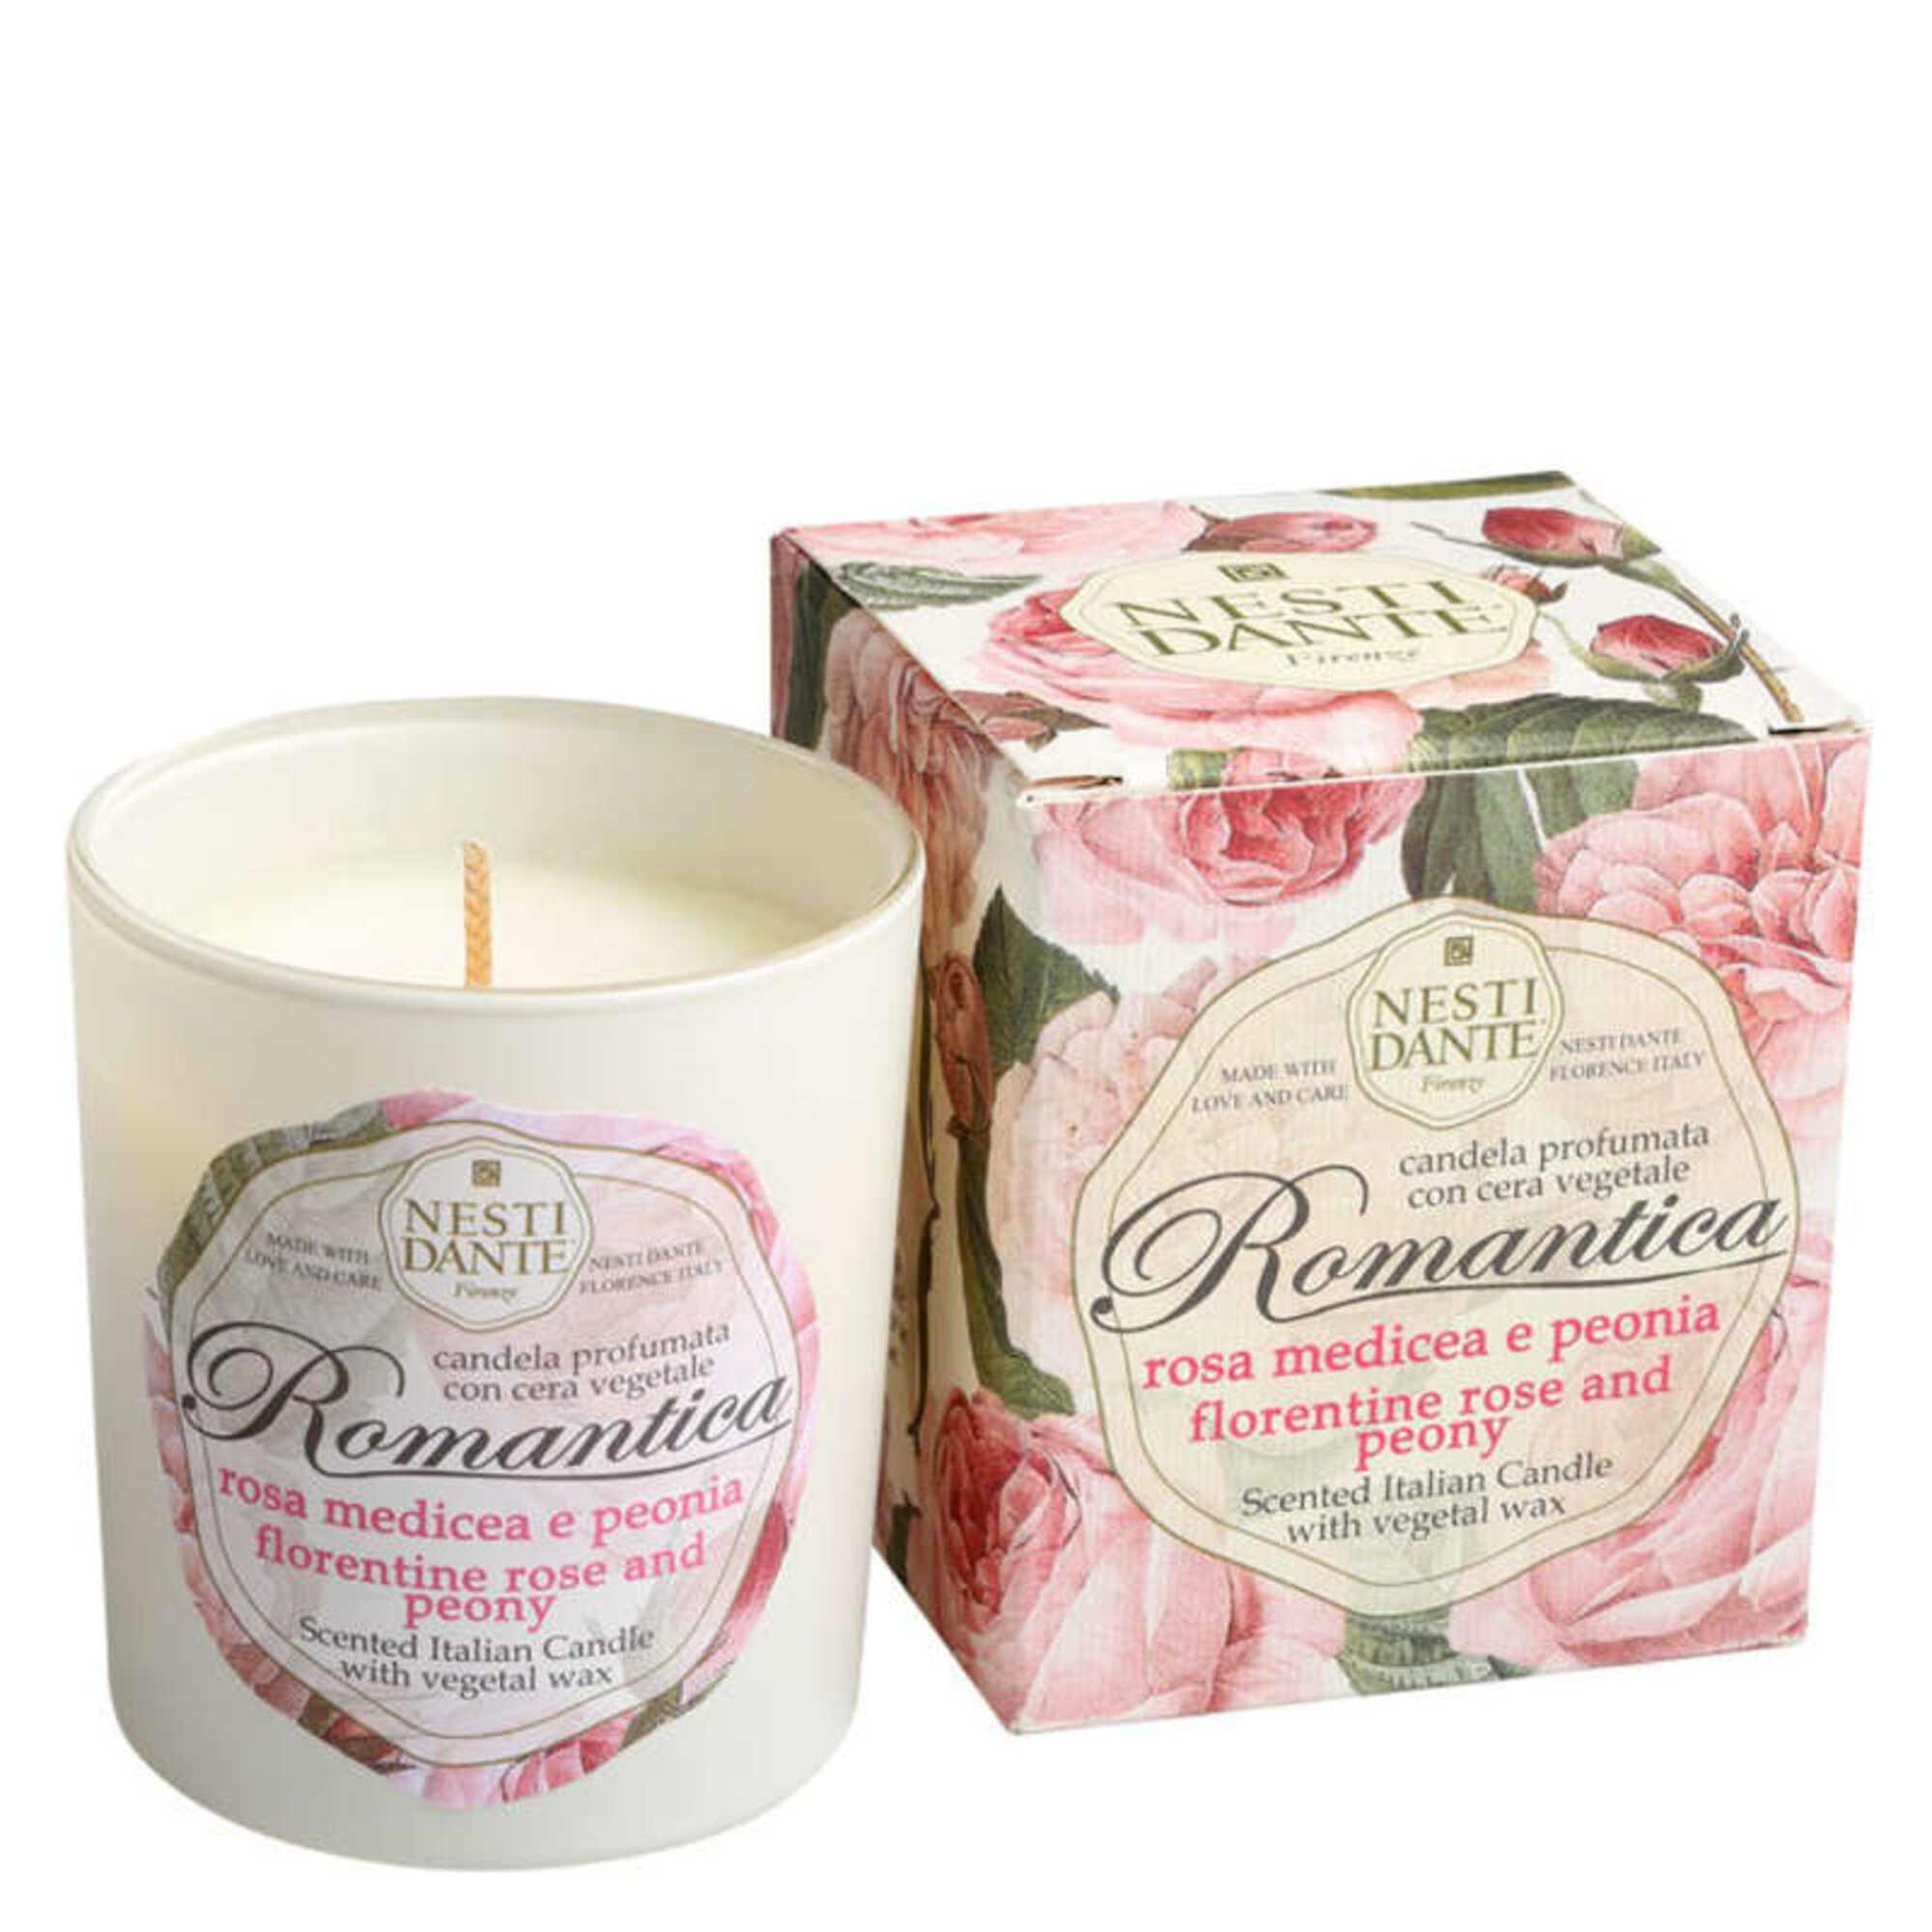 Vela Perfumada Romantica Rosas Florentinas e Peonia 160gr Nesti Dante